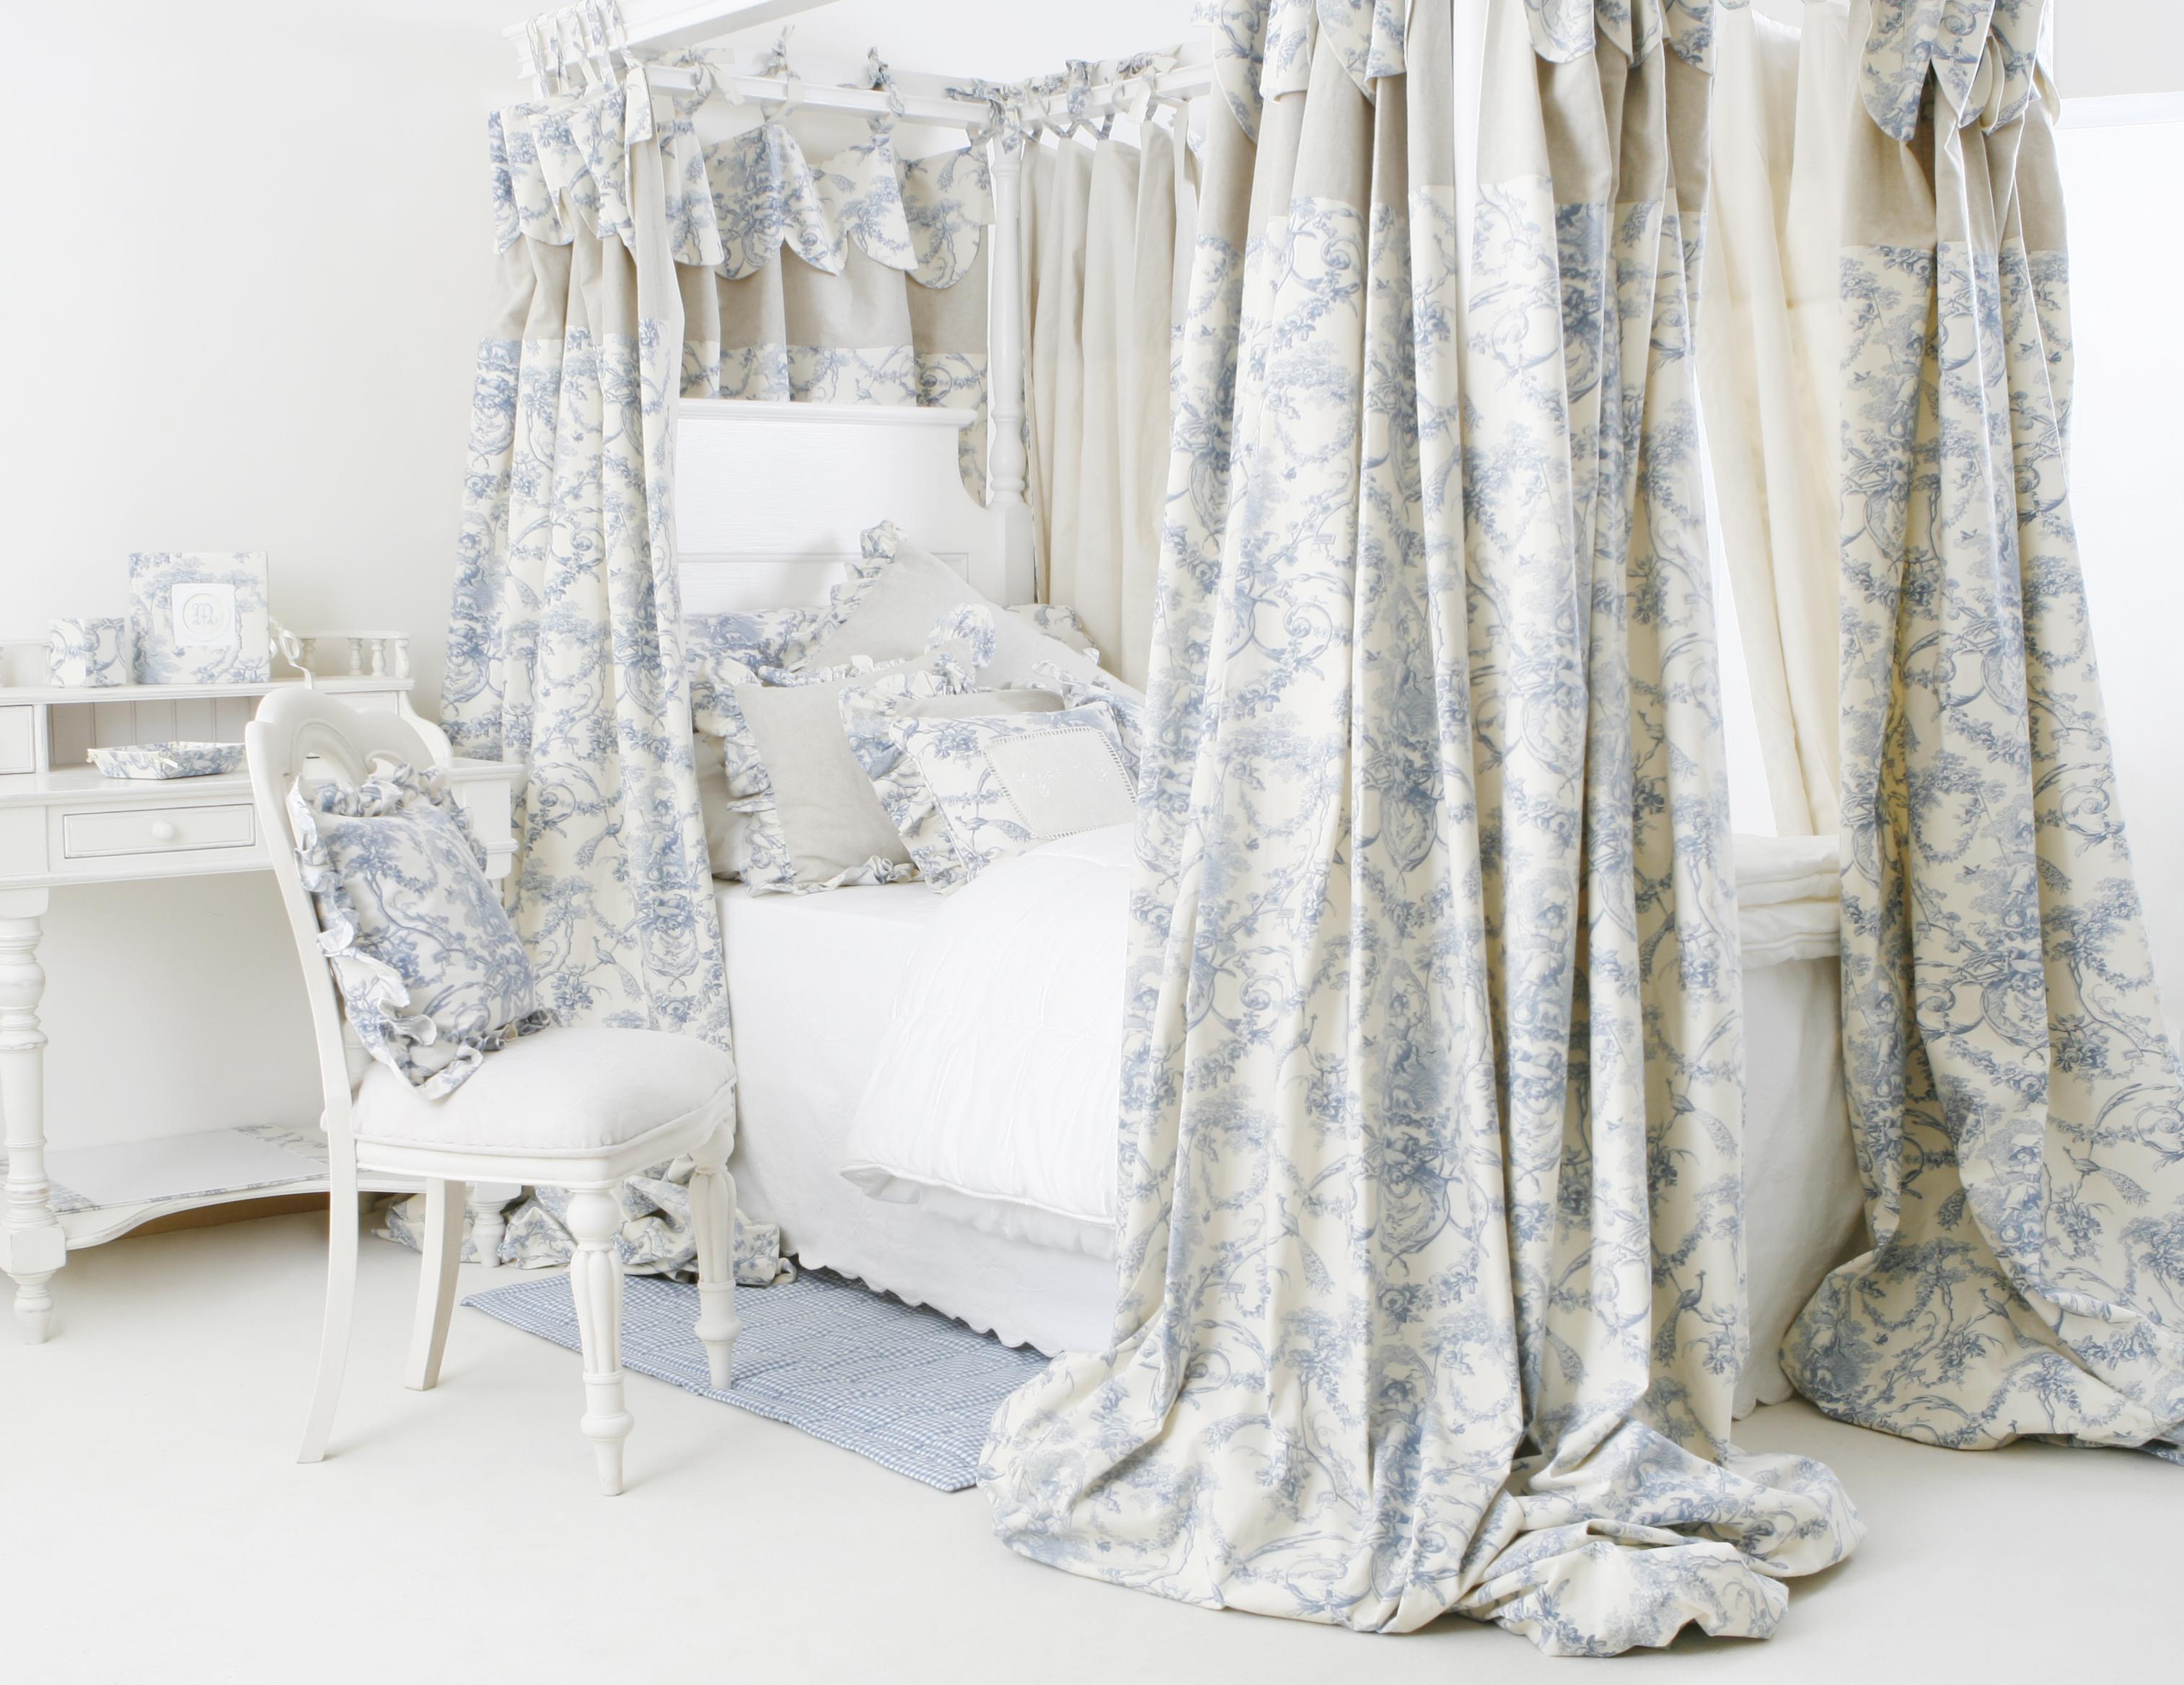 elisa gassert lit baldaquin pour fille elisa gassert. Black Bedroom Furniture Sets. Home Design Ideas